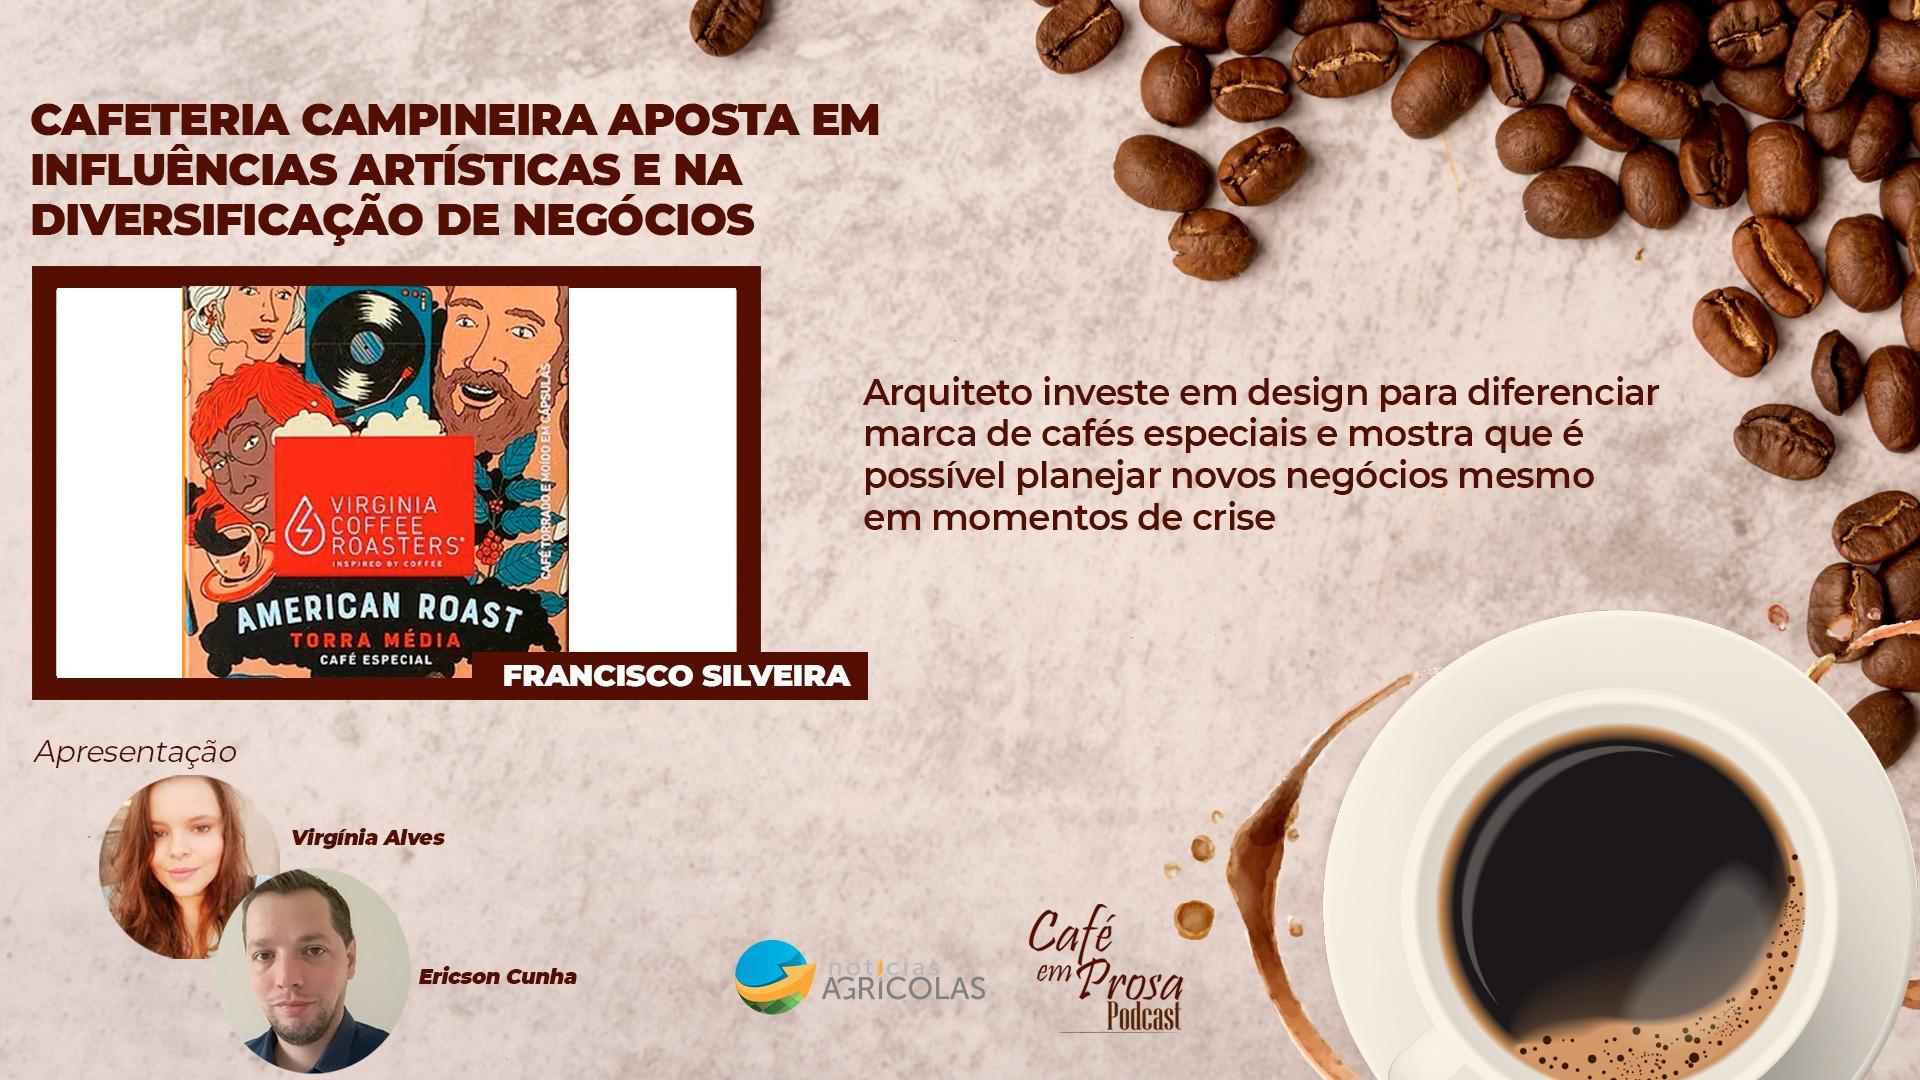 cafe em prosa 8